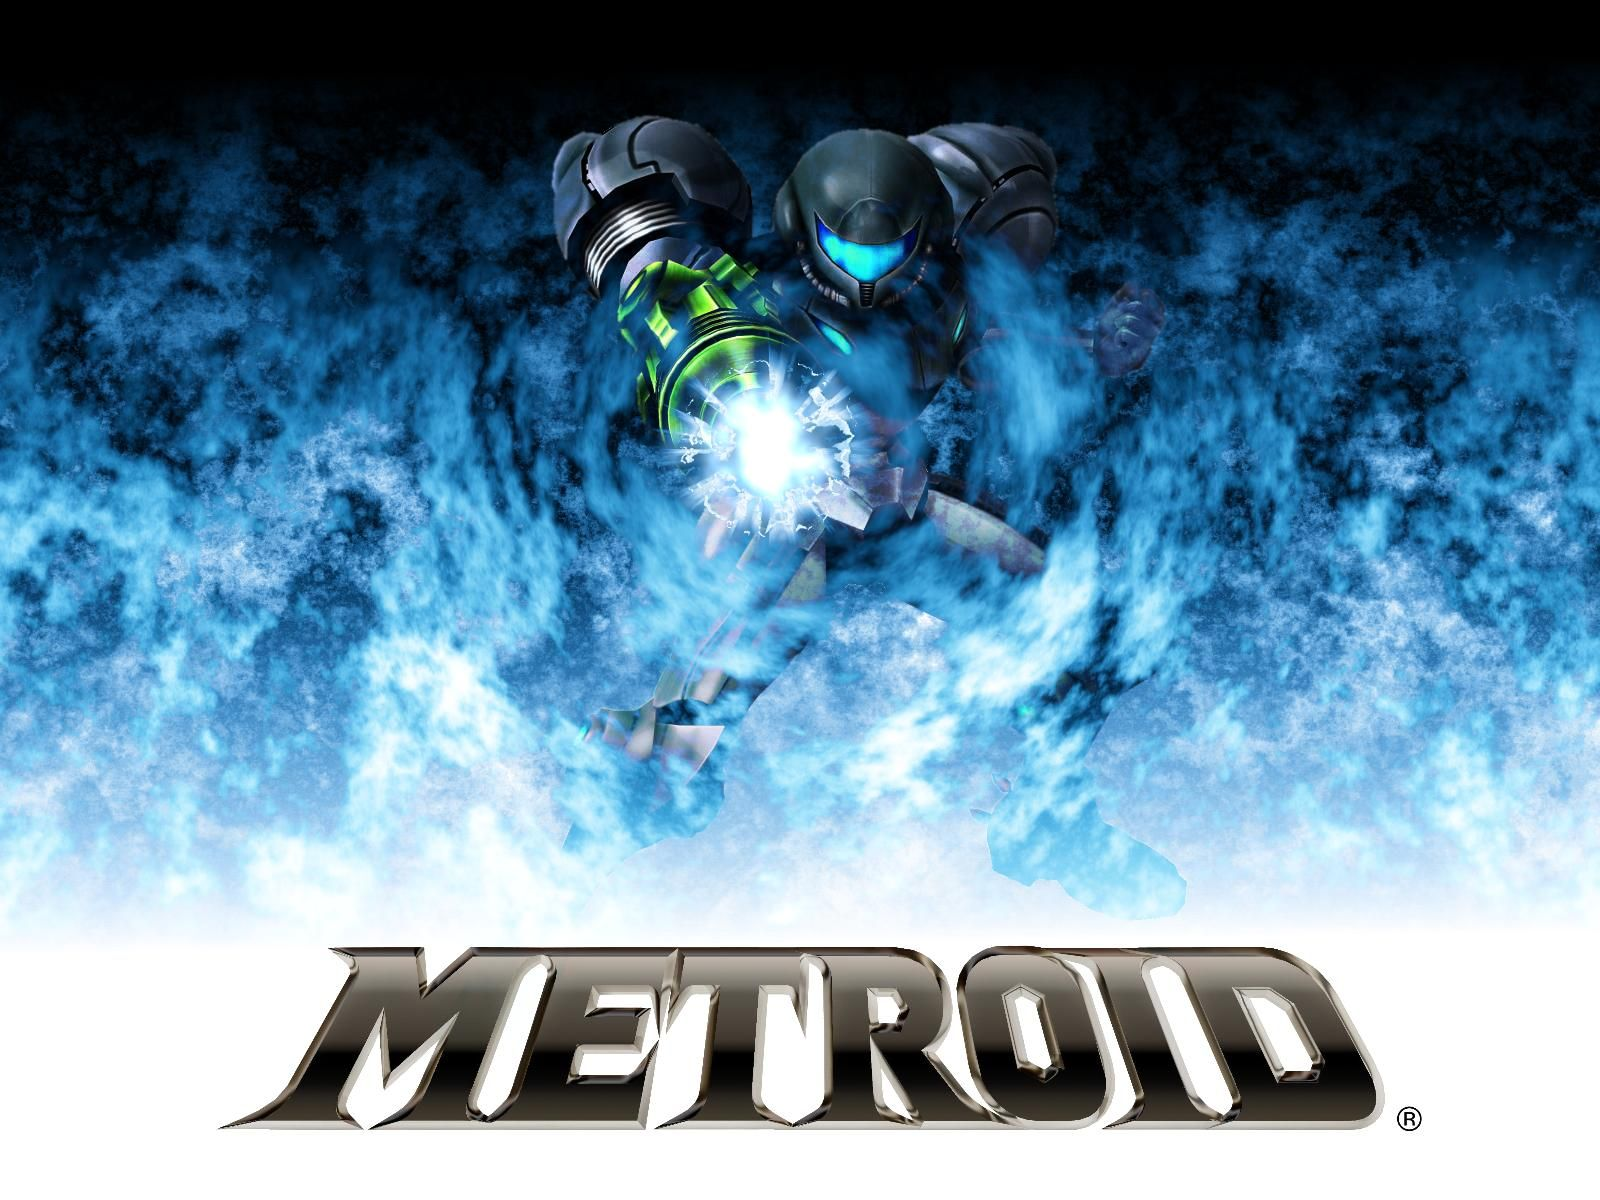 Metroid Prime Wallpapers Metroid Prime Metroid Metroid Samus